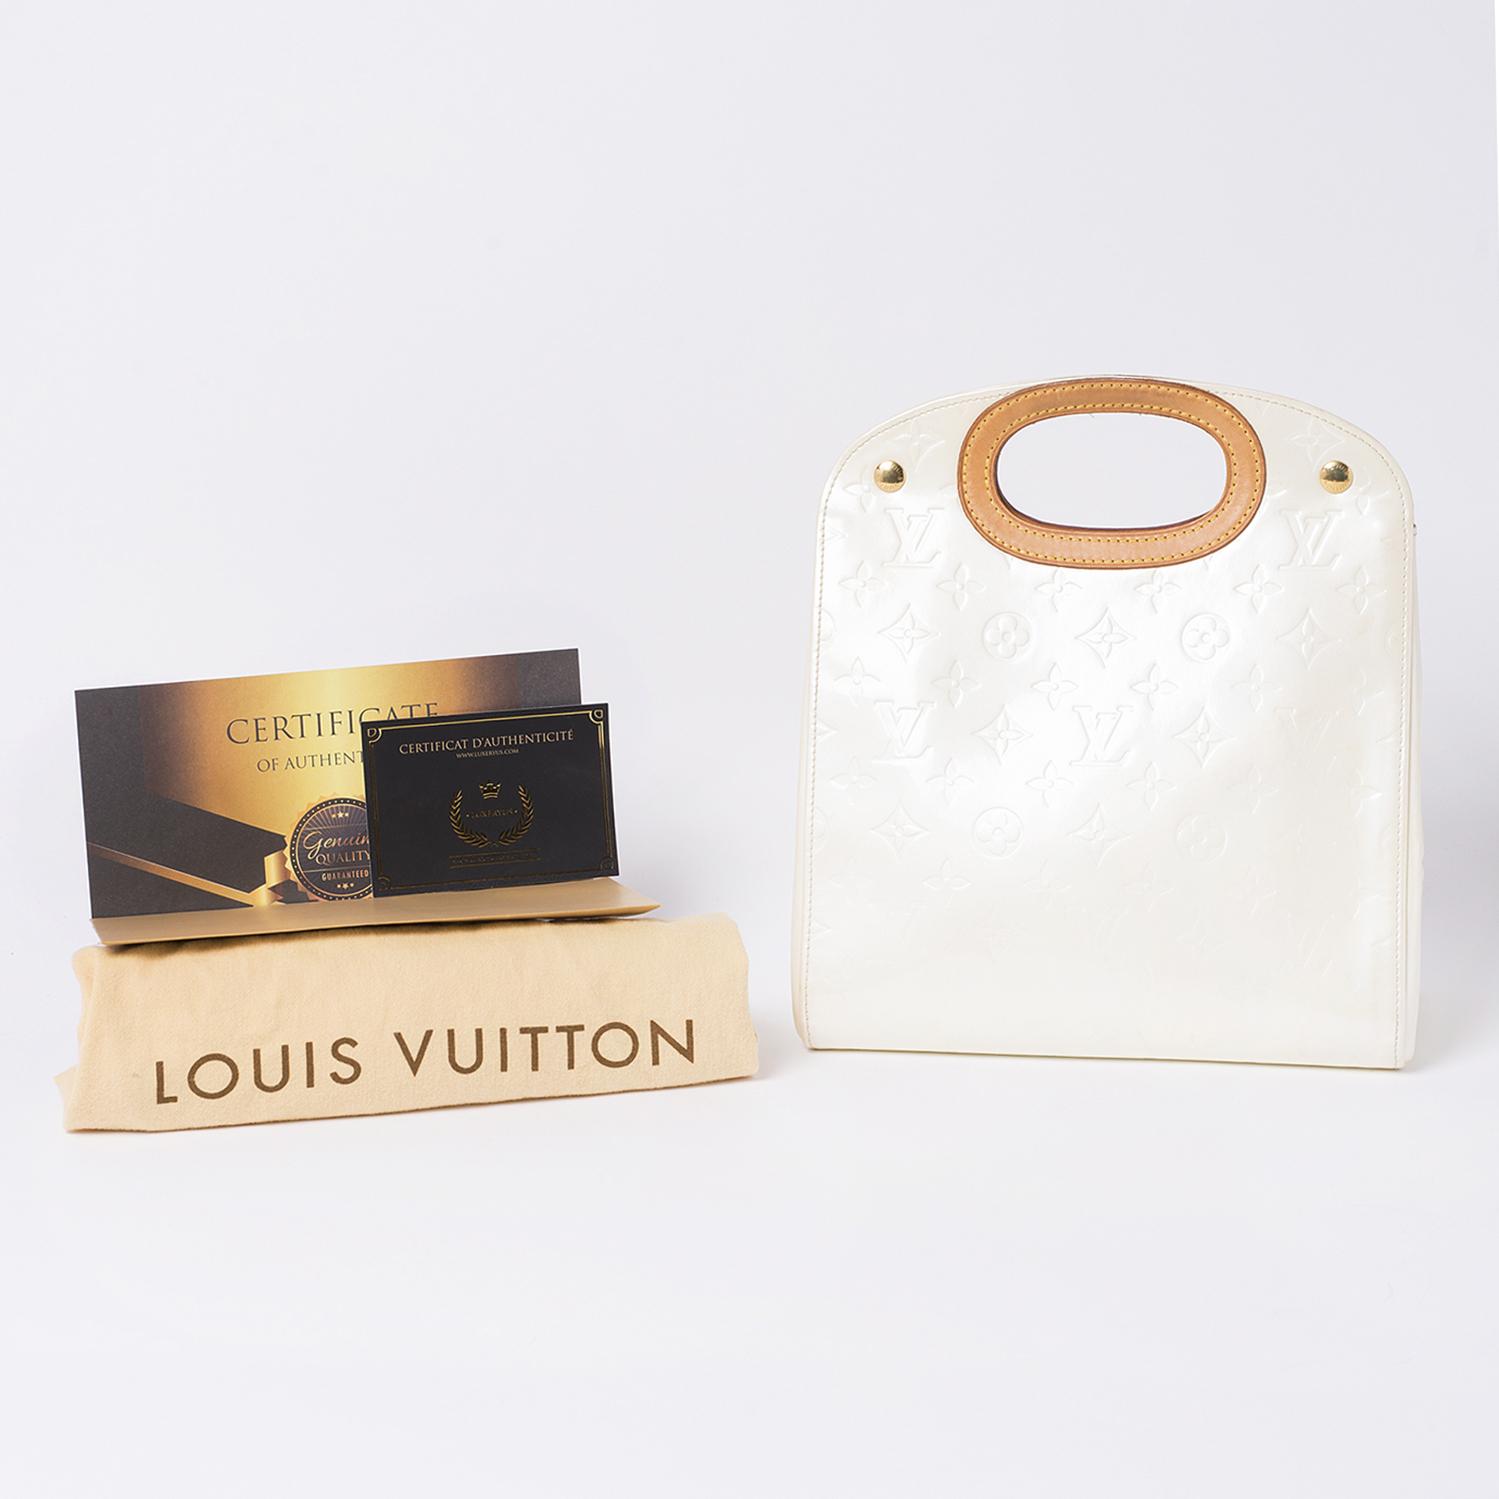 Sac Louis Vuitton Authentique d'occasion en cuir vernis monogram empreint couleur crème